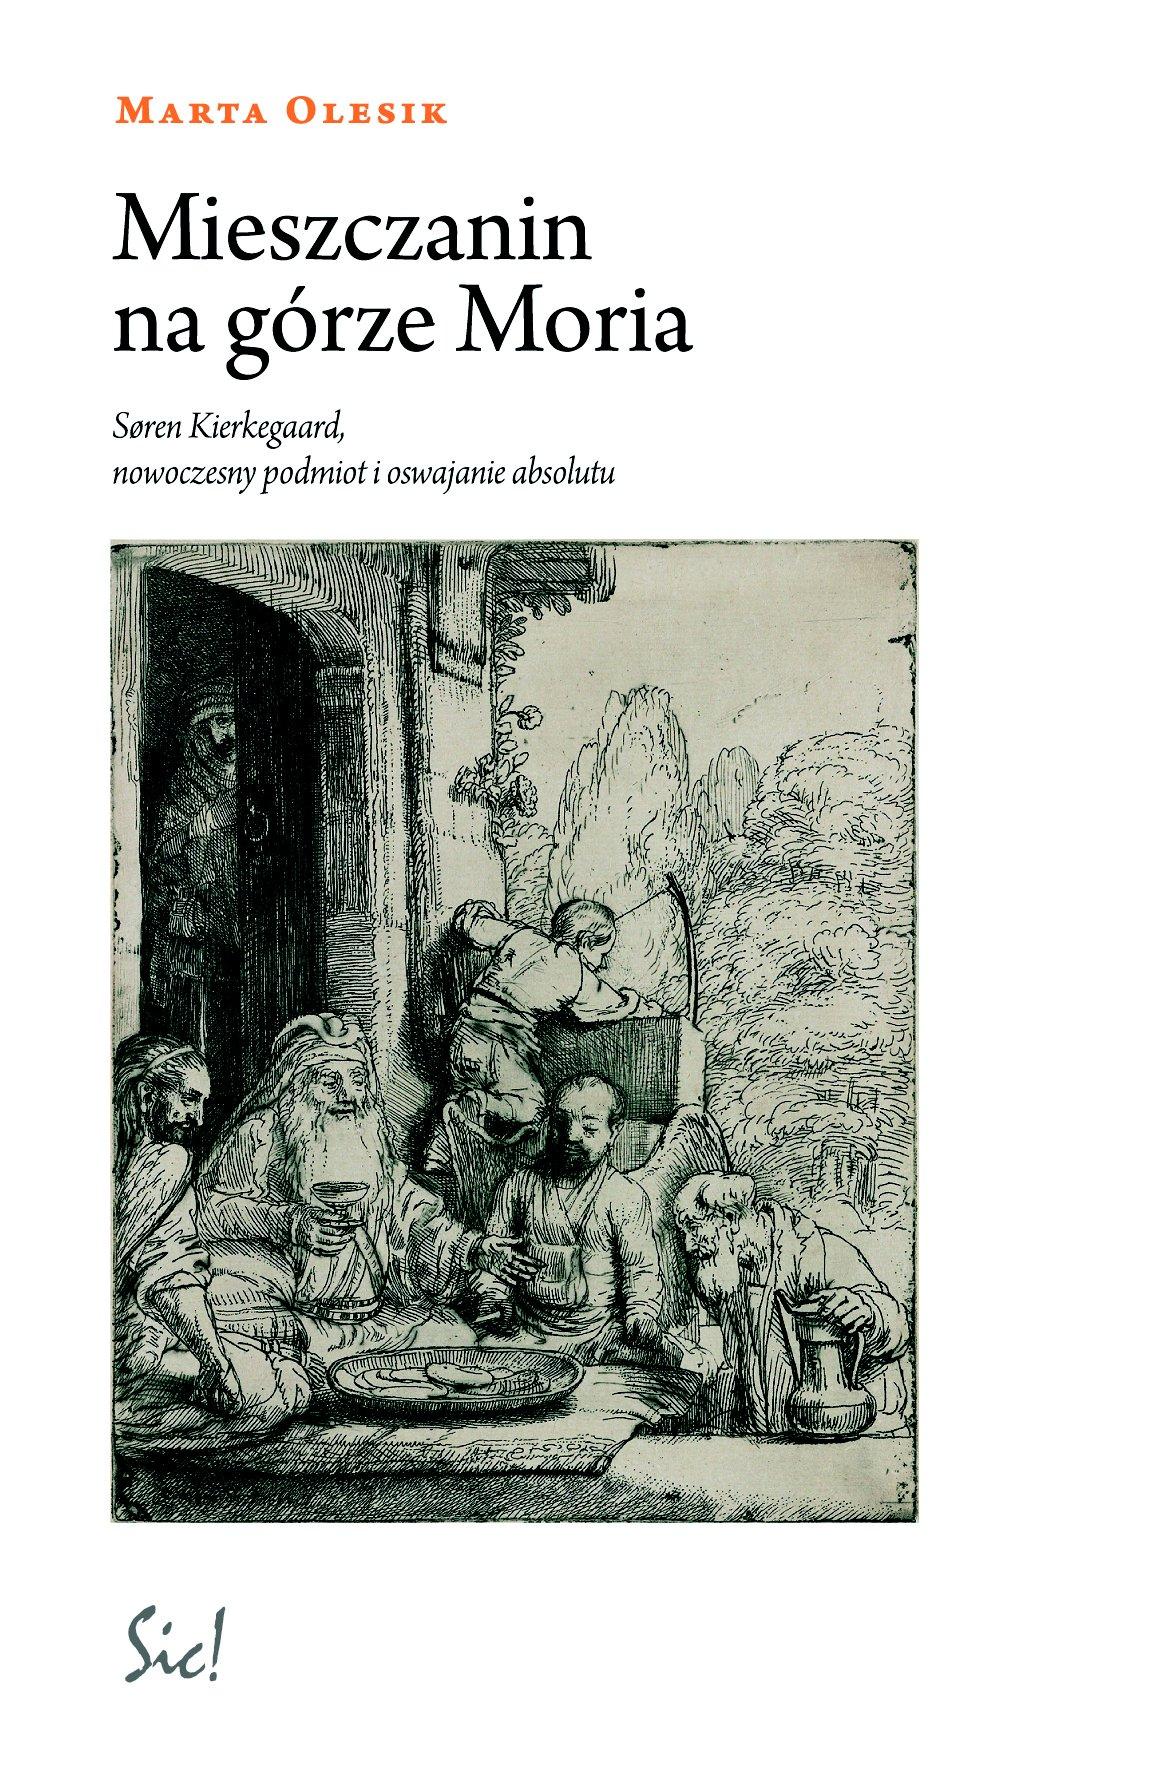 Mieszczanin na górze Moria. Søren Kierkegaard, nowoczesny podmiot i oswajanie absolutu - Ebook (Książka na Kindle) do pobrania w formacie MOBI